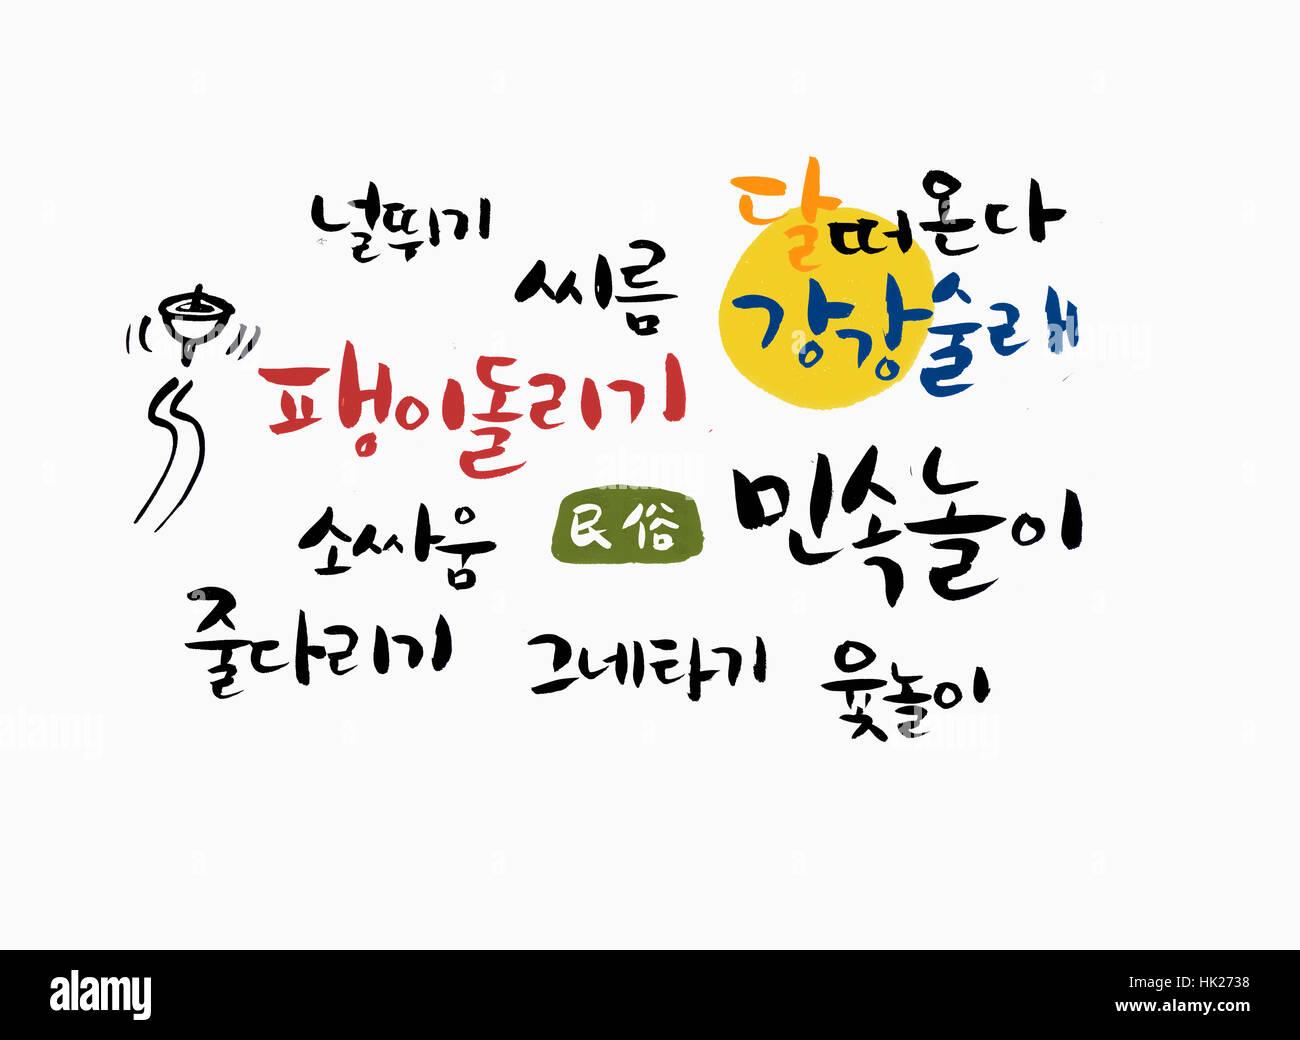 chuseok korean festival days - Stock Image